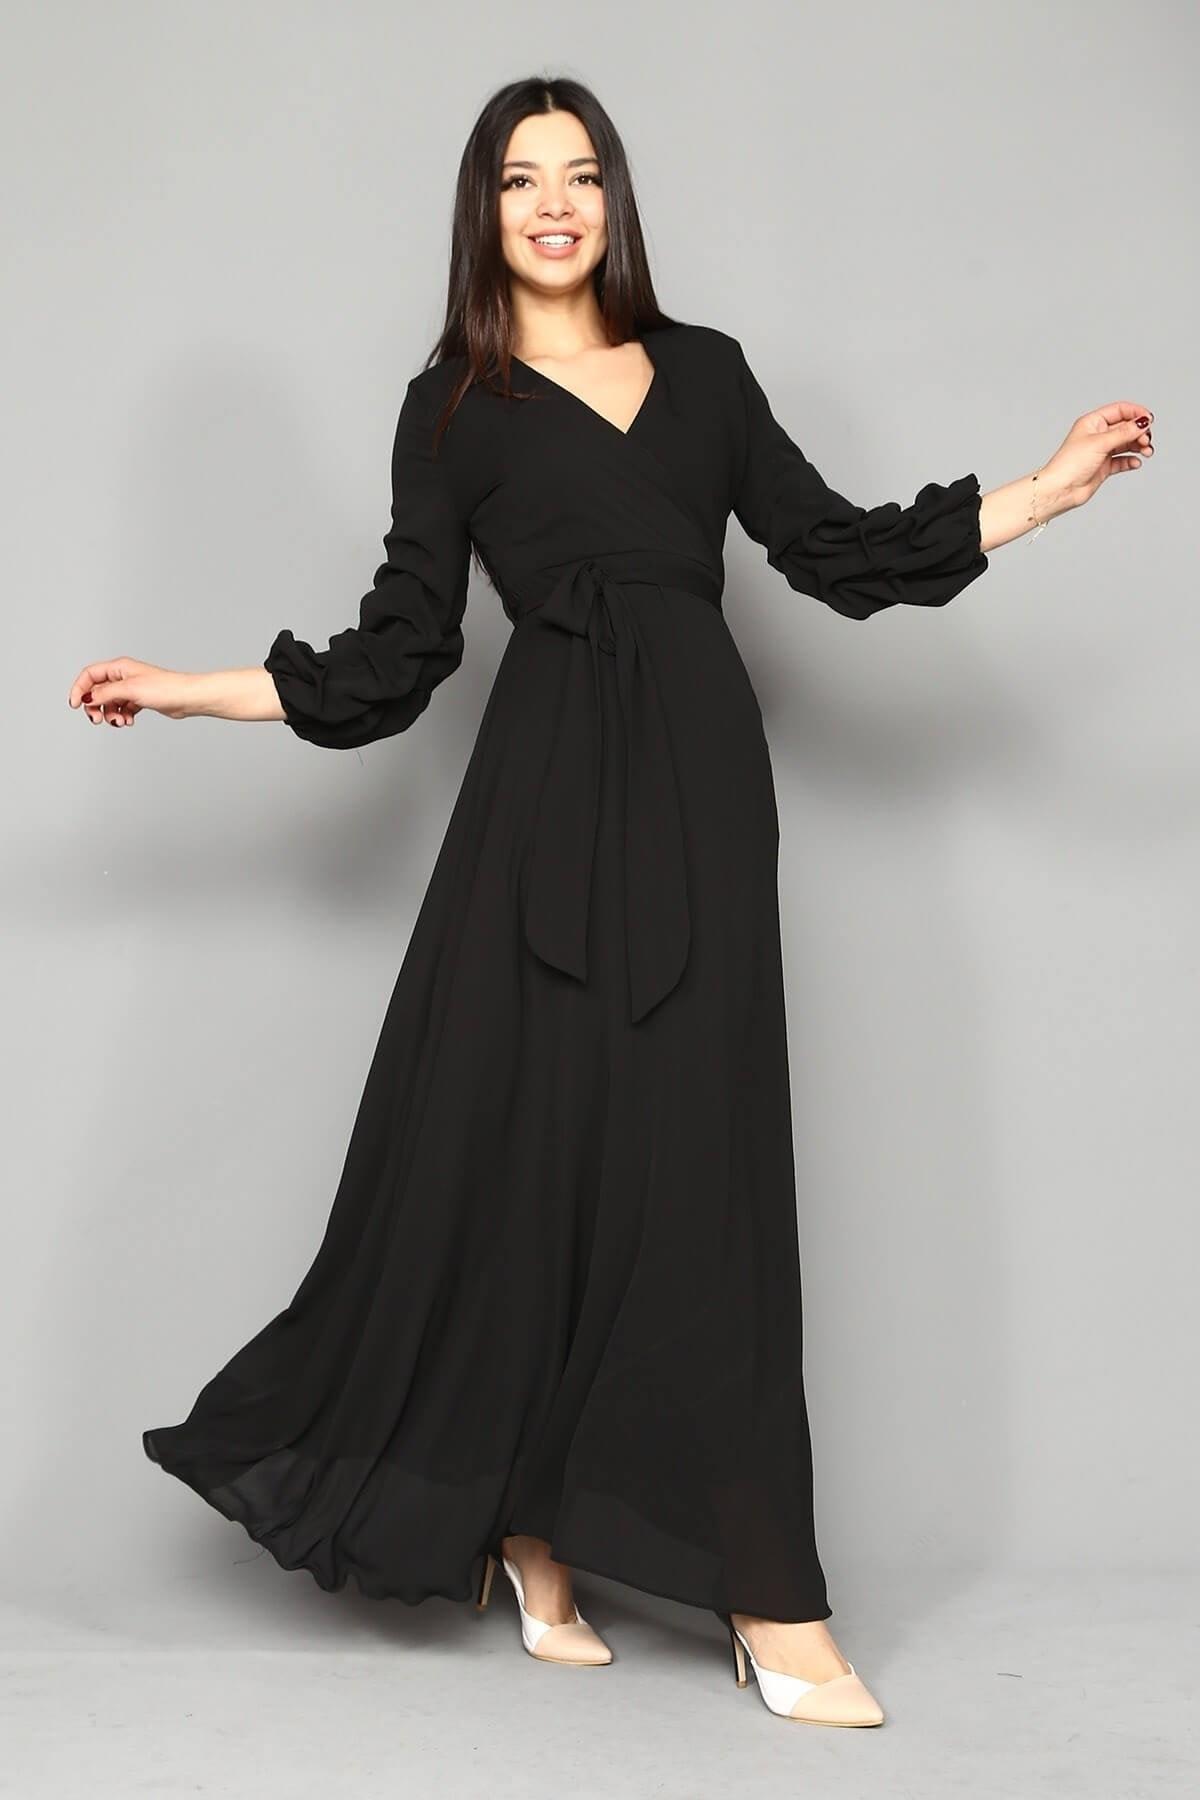 Modakapimda Siyah Kolları Büzgülü Uzun Şifon Elbise 2